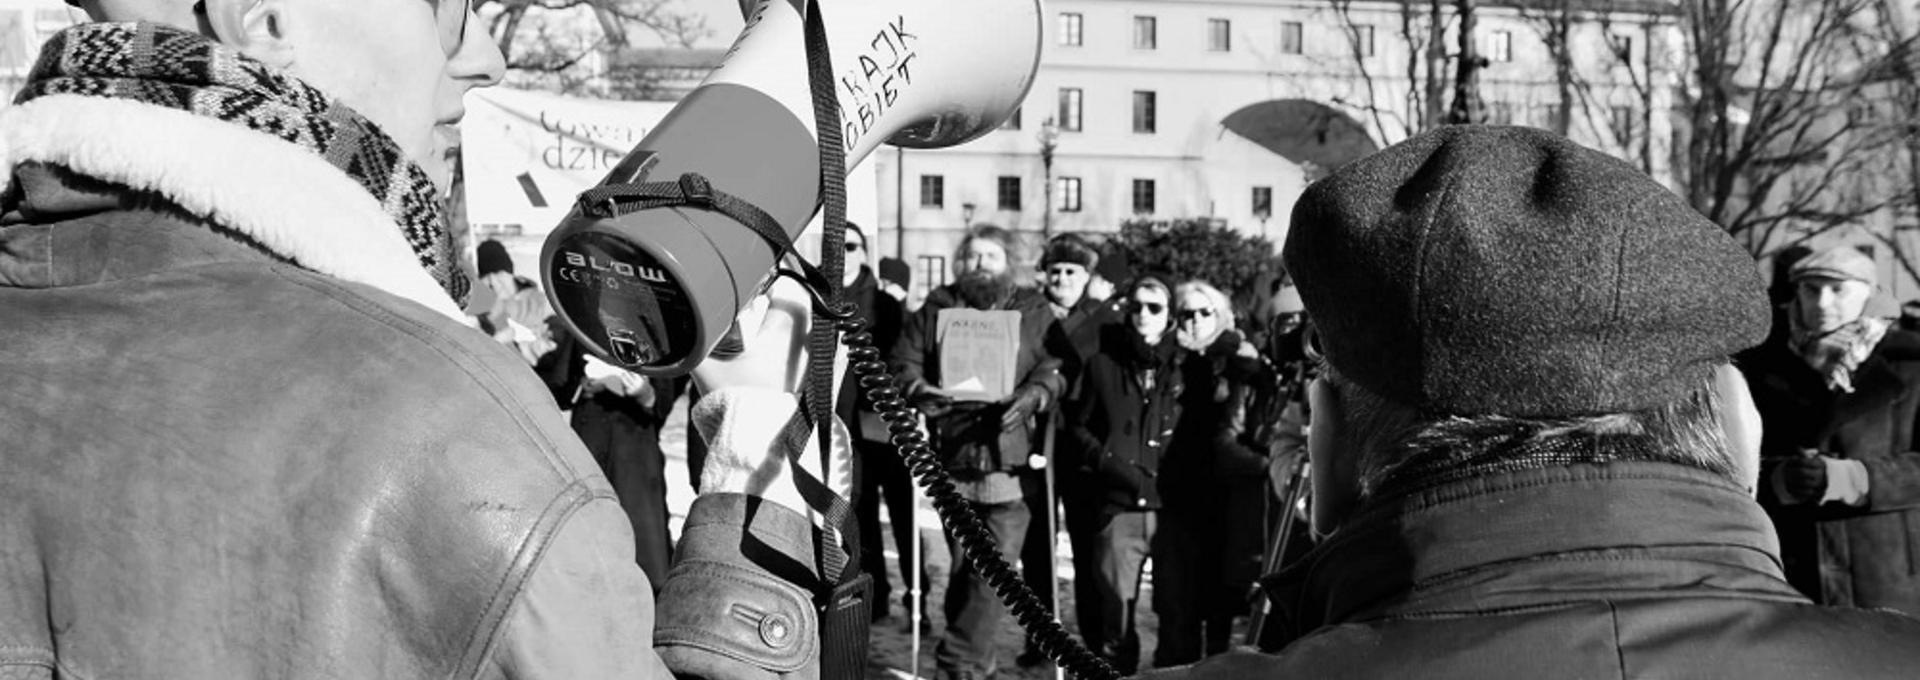 Sebastian Słowiński: Nie każdy narodowiec klęka do swastyki, ale nacjonalizm opiera się na nienawiści [WYWIAD]